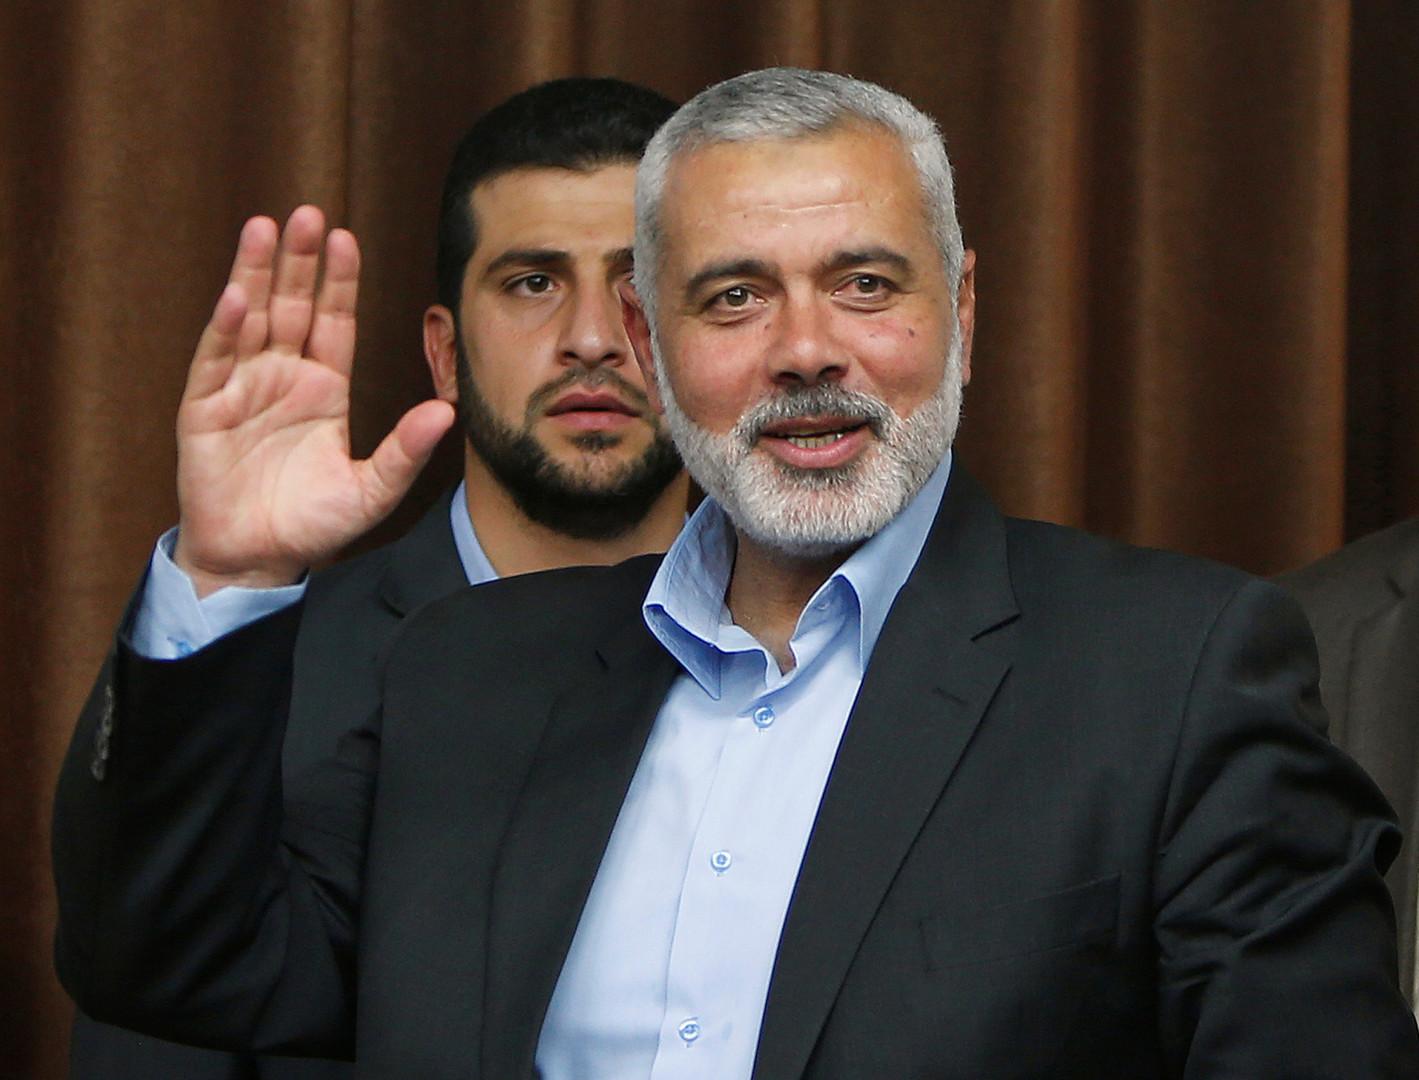 رئيس المكتب السياسي لحركة حماس إسماعيل هنية - أرشيف